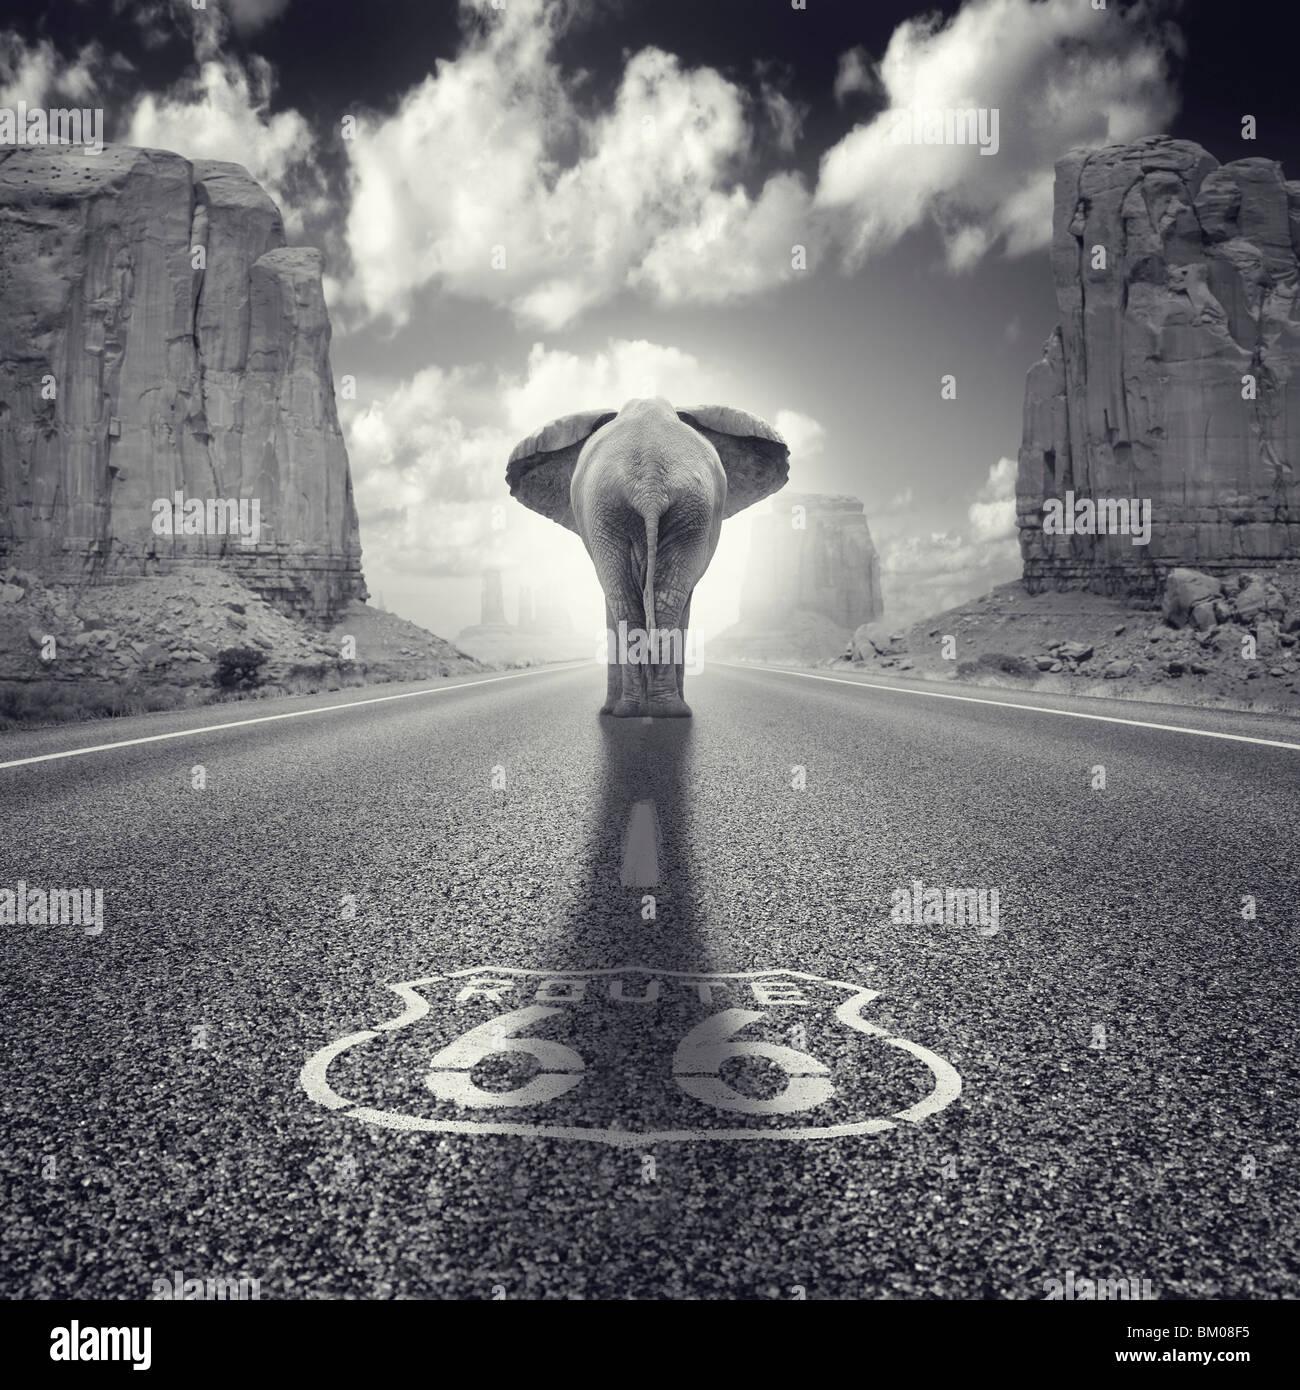 Un éléphant marchant le long de la route 66 aux USA Monument Valley Photo Stock